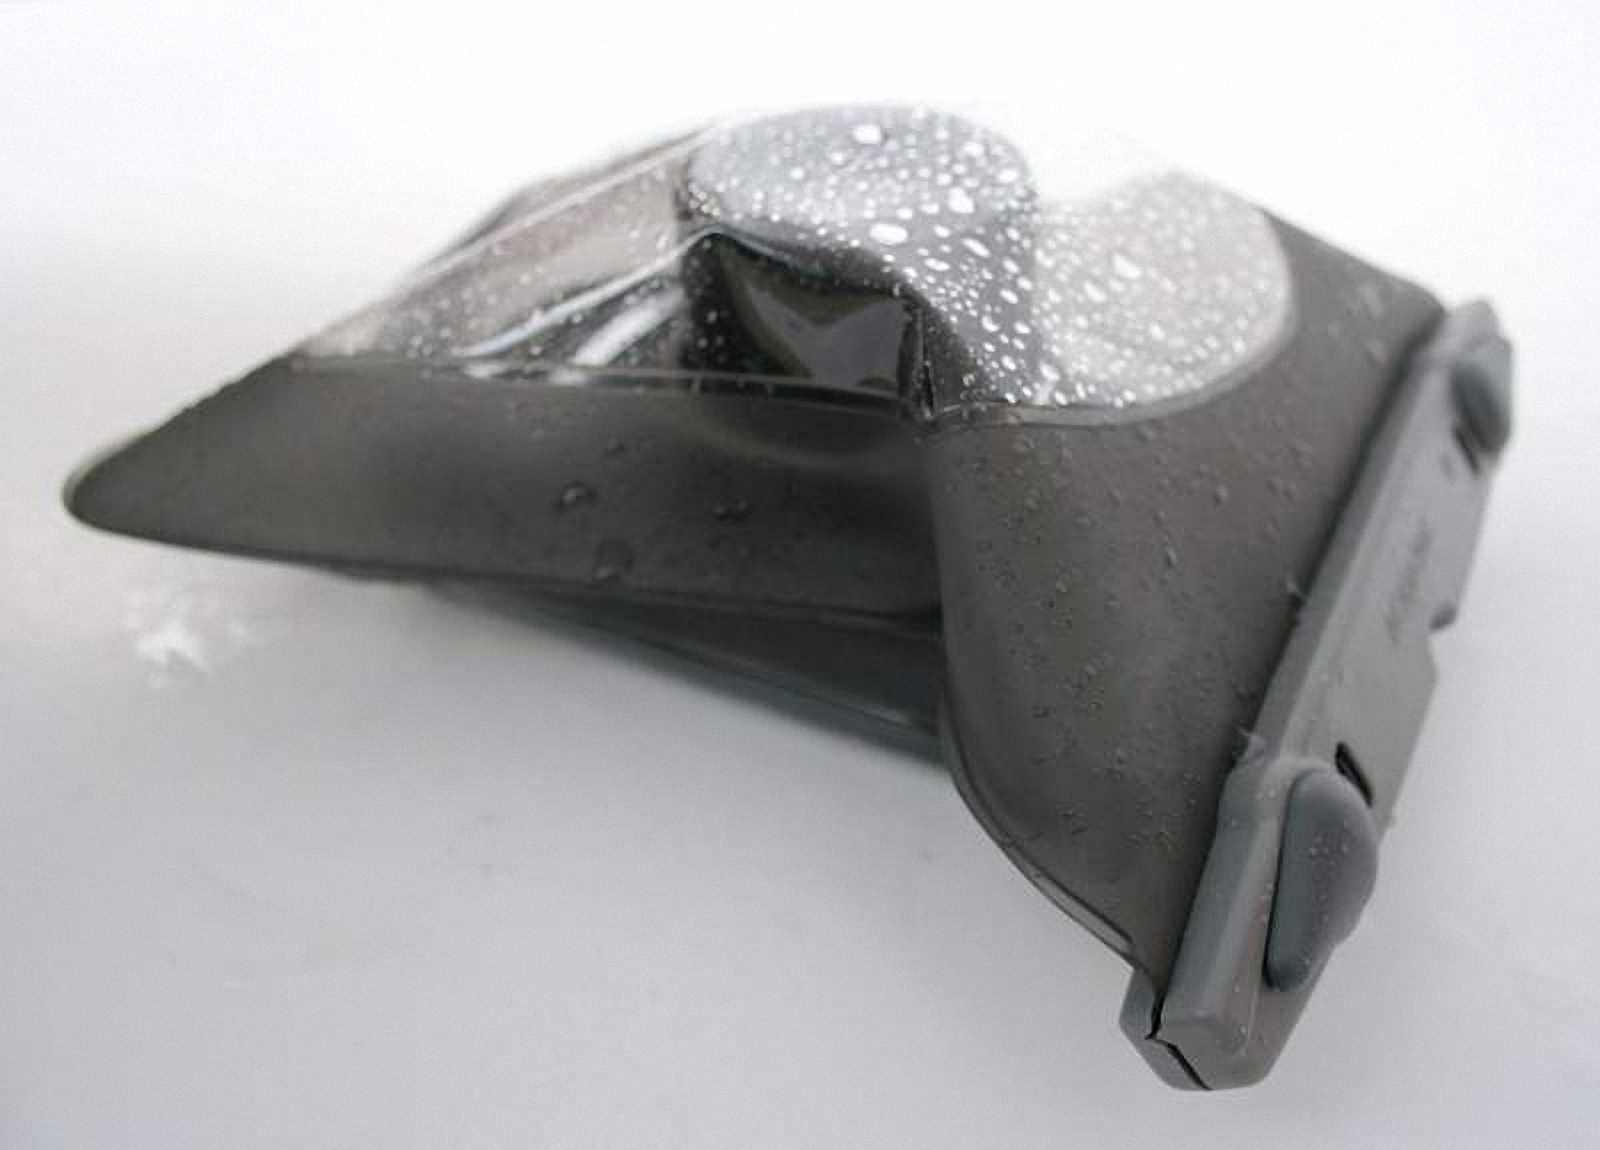 Водонепроницаемый чехол для фотоаппарата - Aquapac 418. Aquapac - №1 в мире водонепроницаемых чехлов и сумок. Фото 3